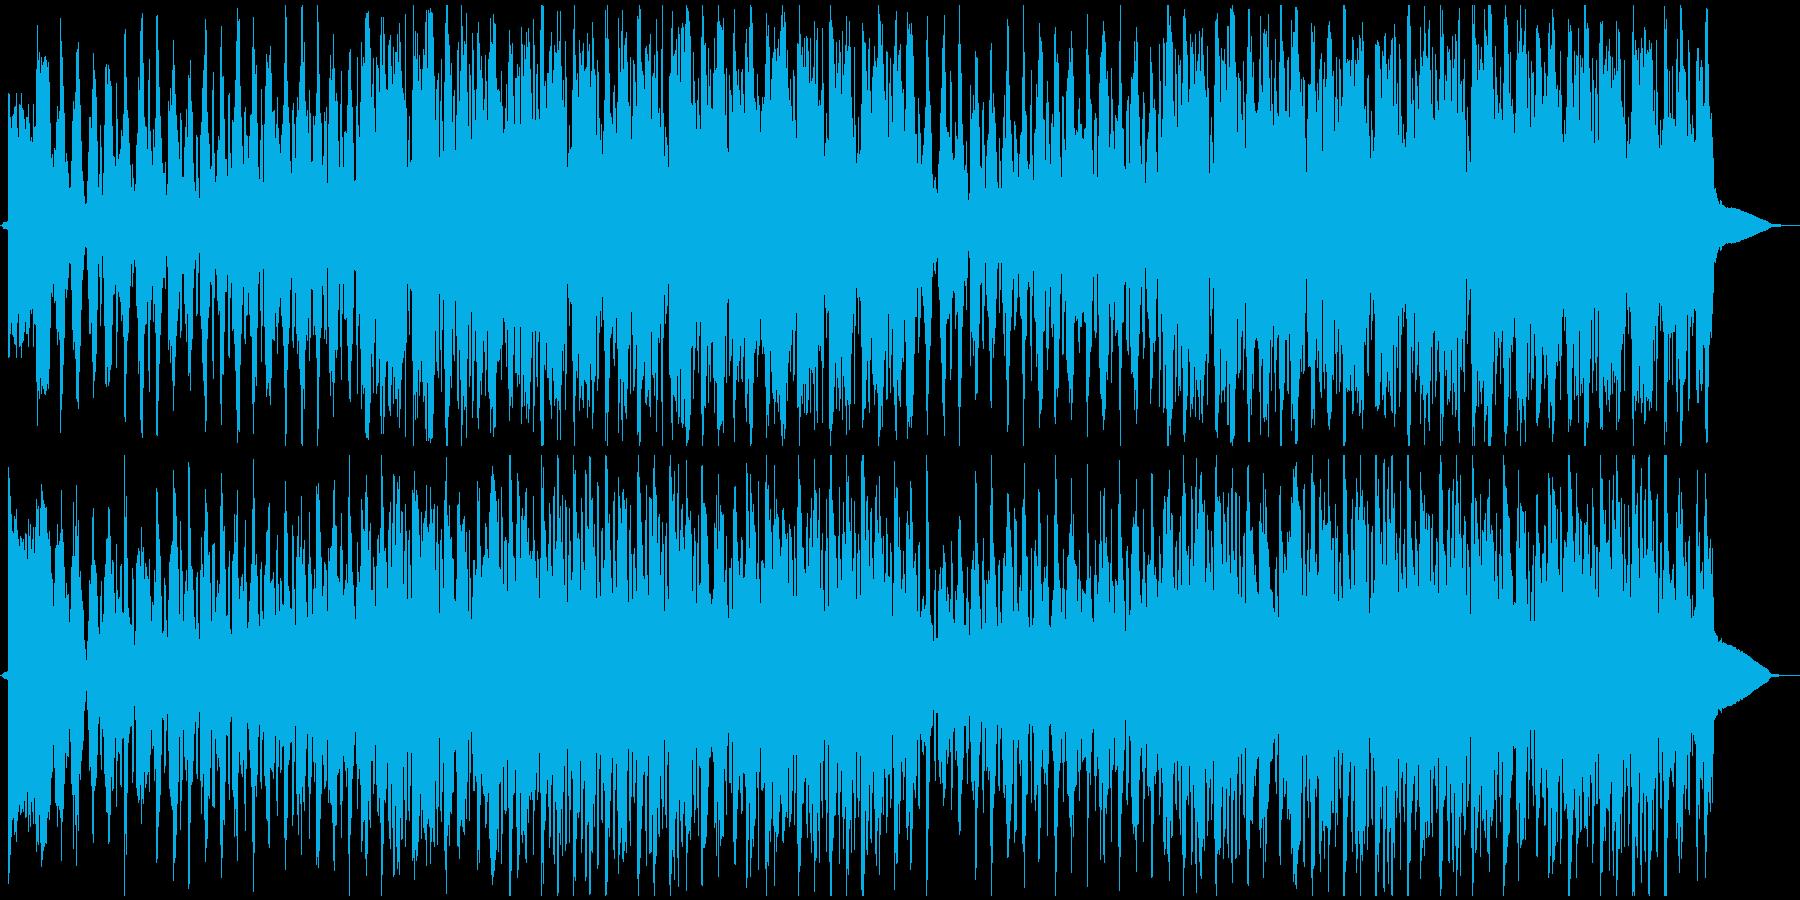 重厚感がある戦慄の悪の帝国-オーケストラの再生済みの波形